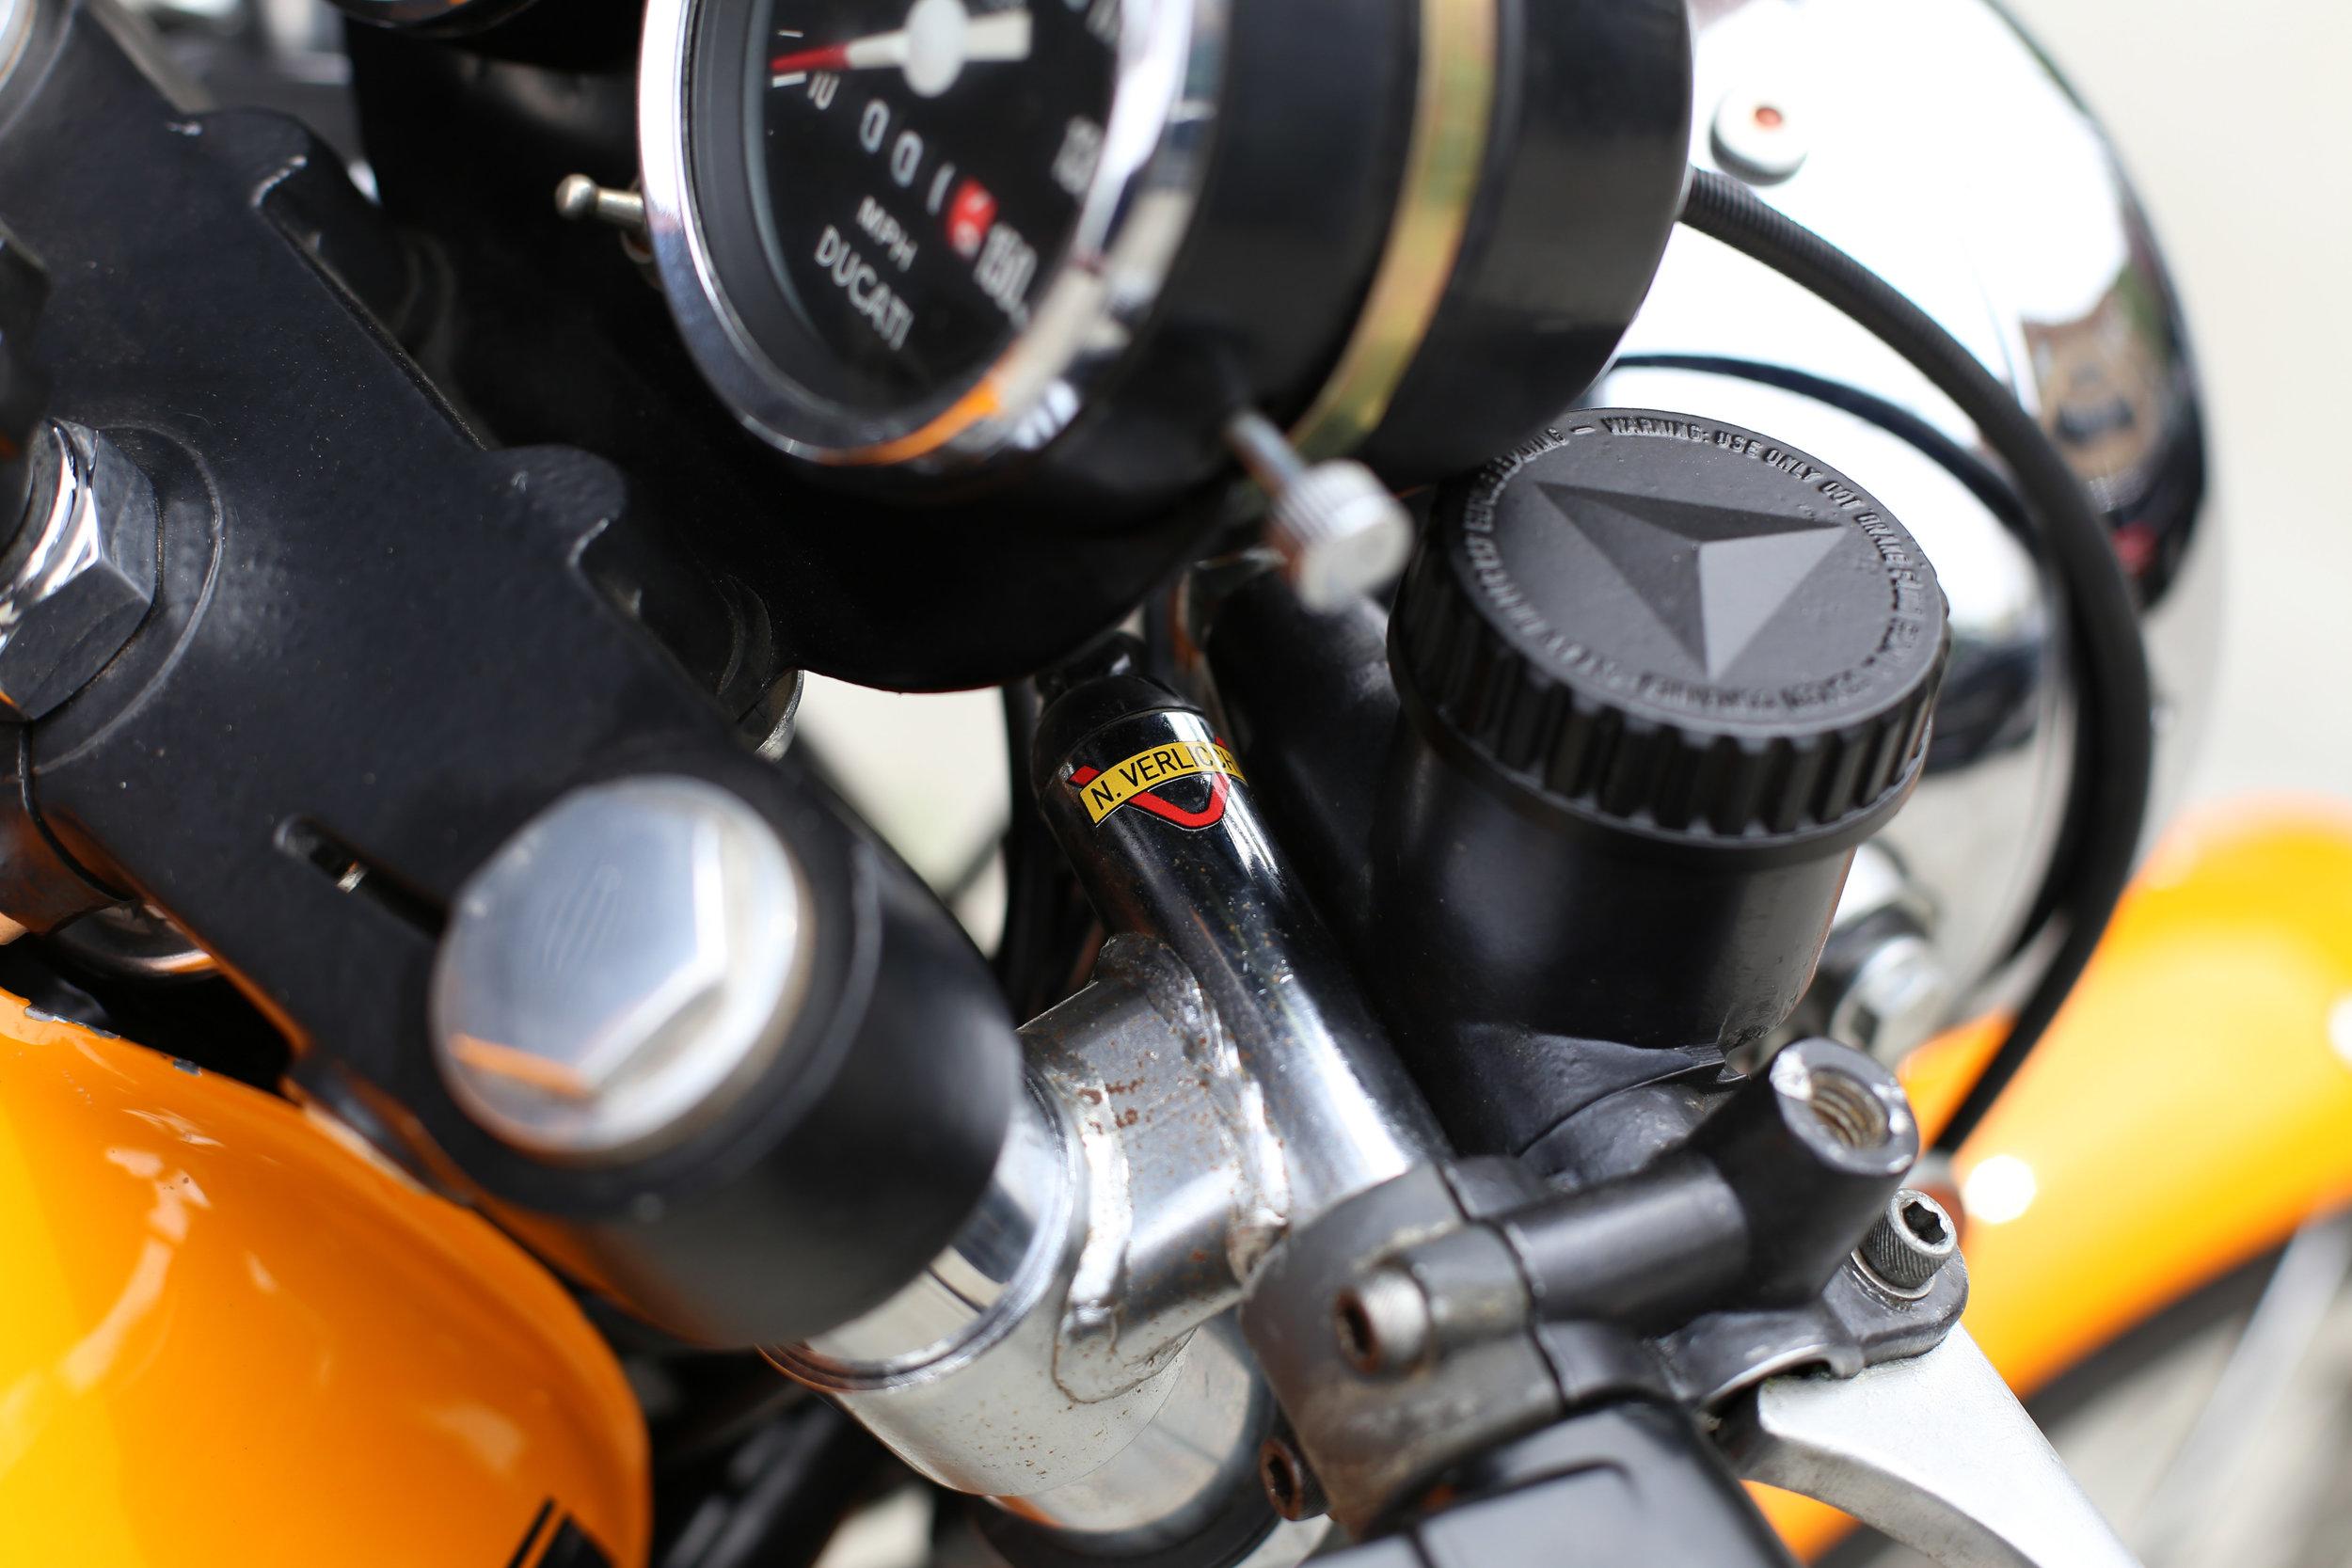 1974 Ducati 750S Decal